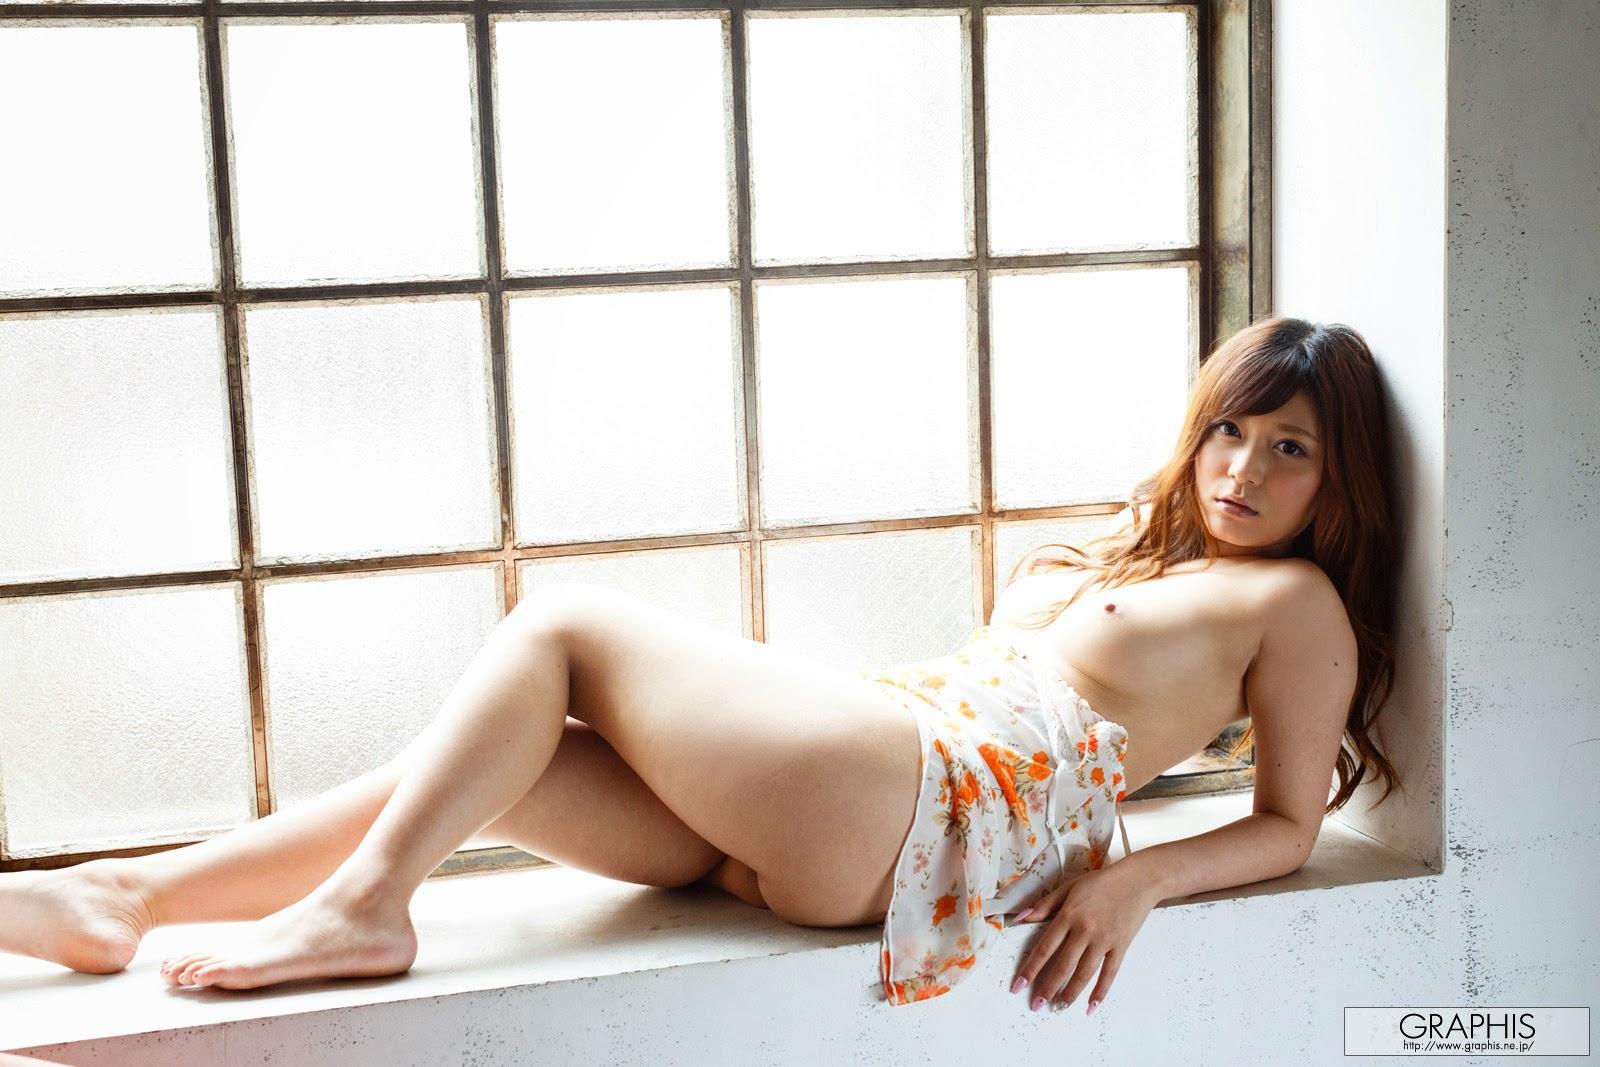 uploader up13.ayame.jp porn 1 uploader up 23.ayame.jp nude uploader up13.ayame.jp incest uploader